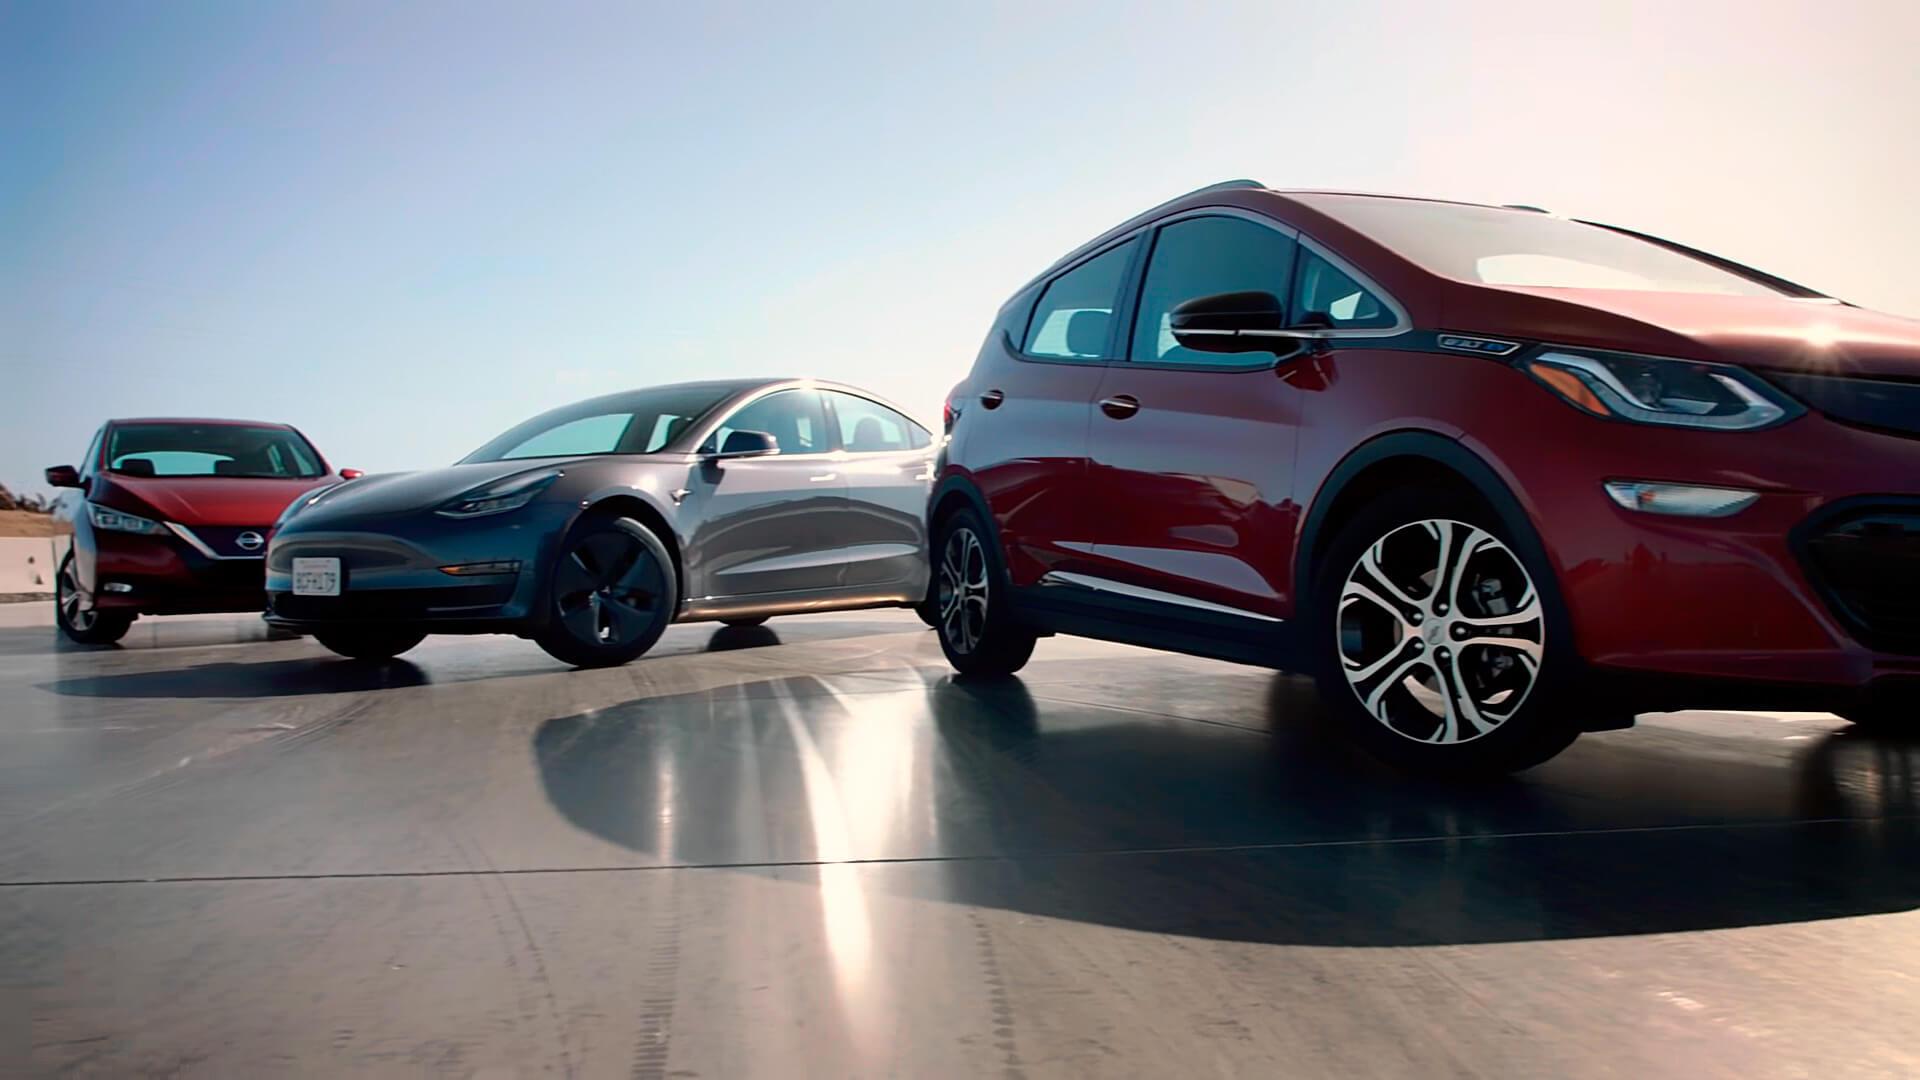 Порівняння Tesla Model 3, Nissan Leaf і Chevrolet Bolt EV ...